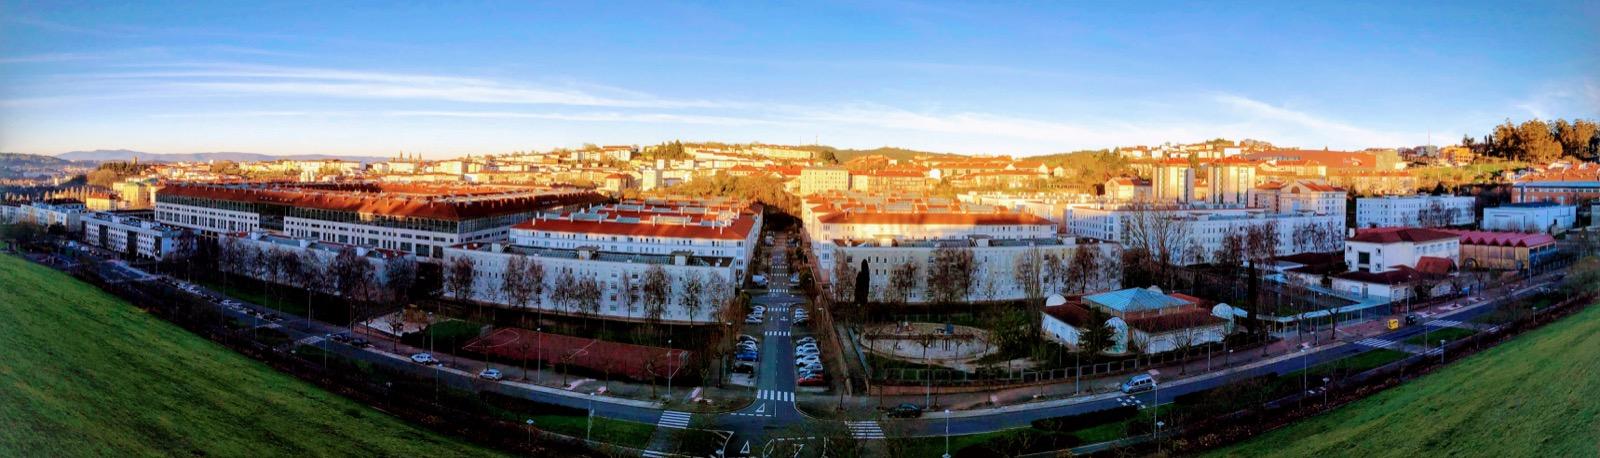 Santiago de Compostela Pano